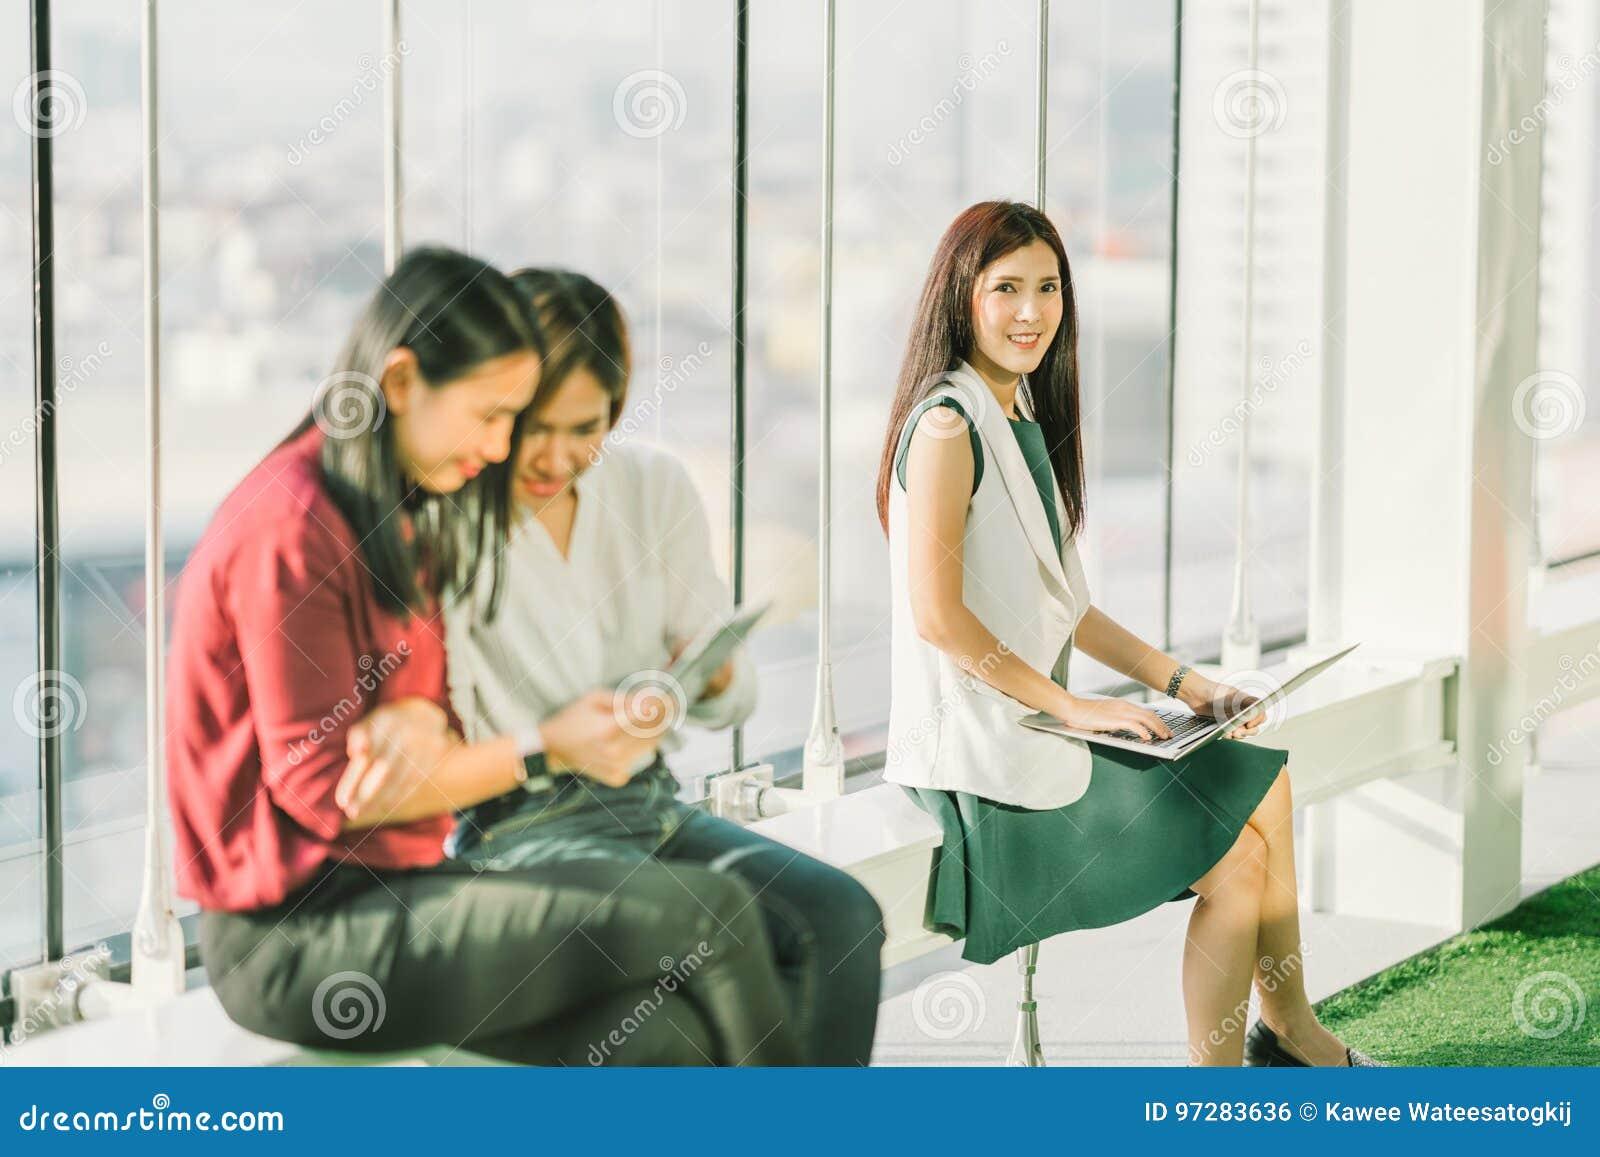 Όμορφα νέα ασιατικά κορίτσια που χρησιμοποιούν το σημειωματάριο lap-top και την ψηφιακή ταμπλέτα κατά τη διάρκεια του σπασίματος